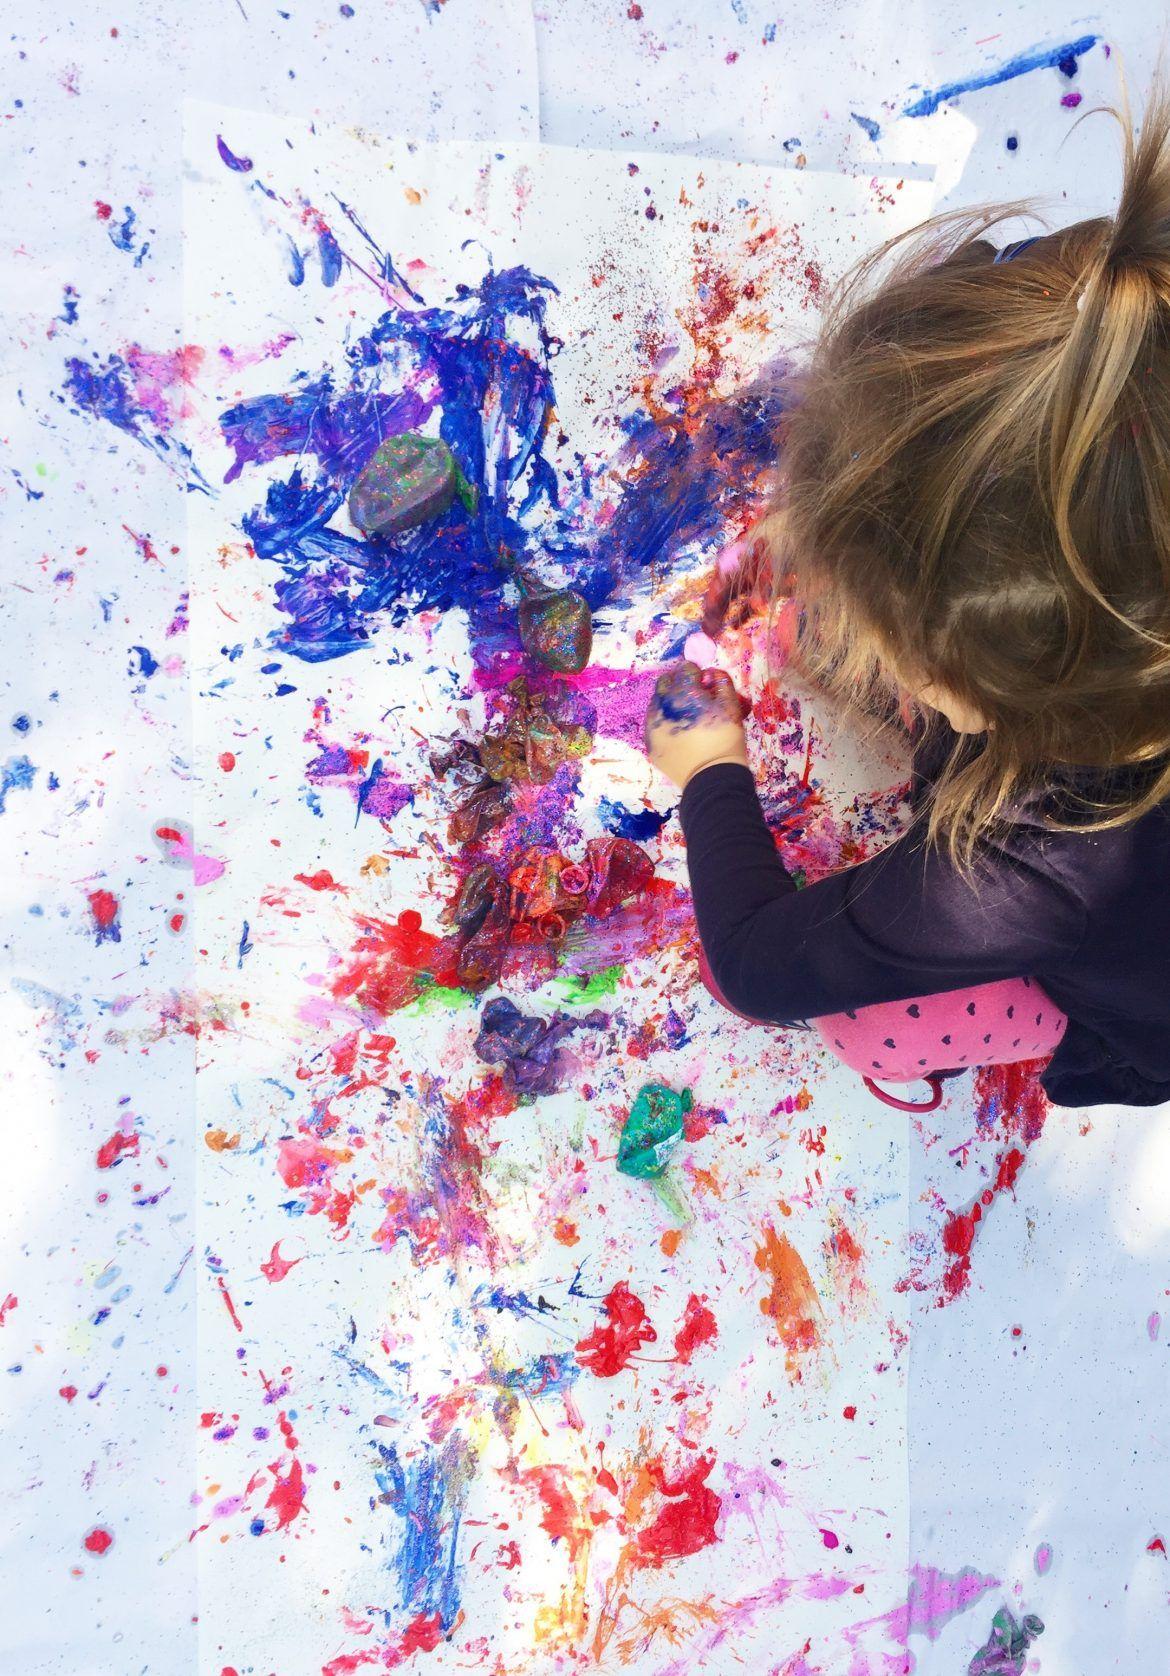 Popping Paint Balloons Alice Amelia Balloon Painting Balloons Splatter Art